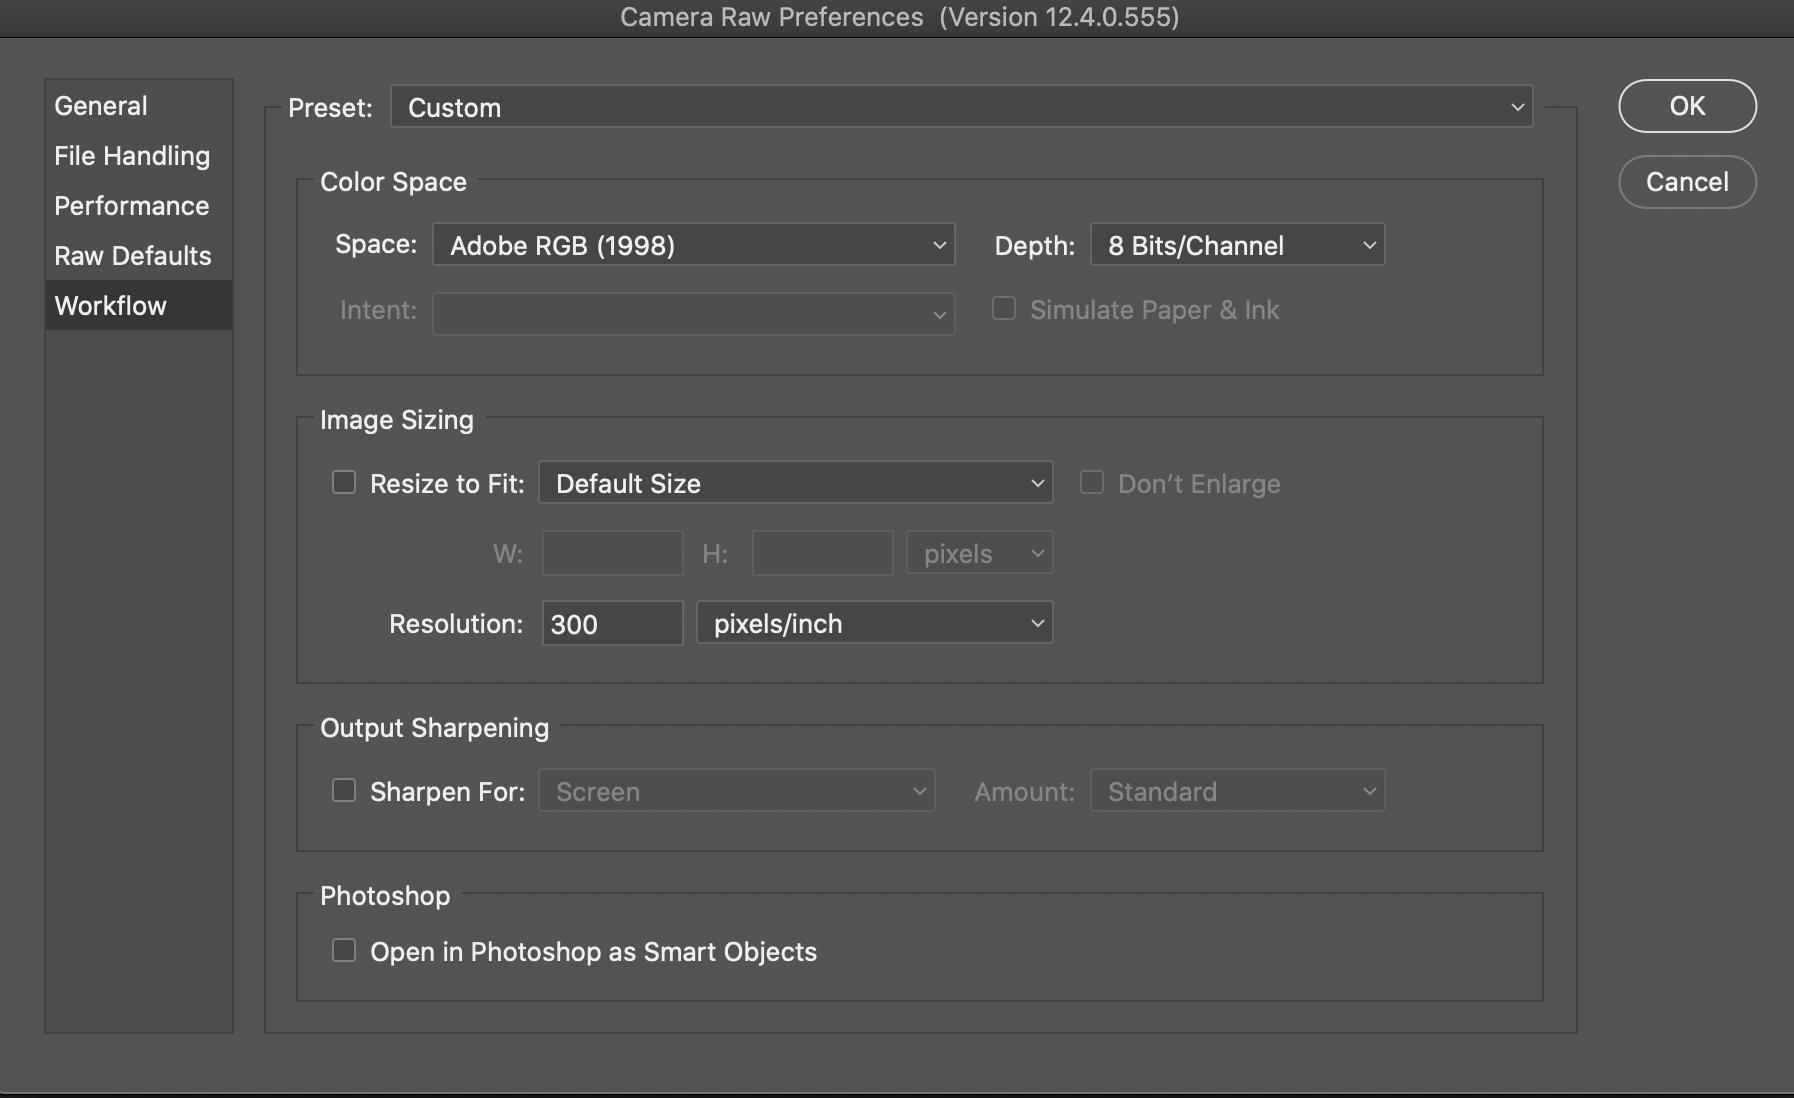 Screen Shot 2020-09-21 at 6.45.06 AM.png